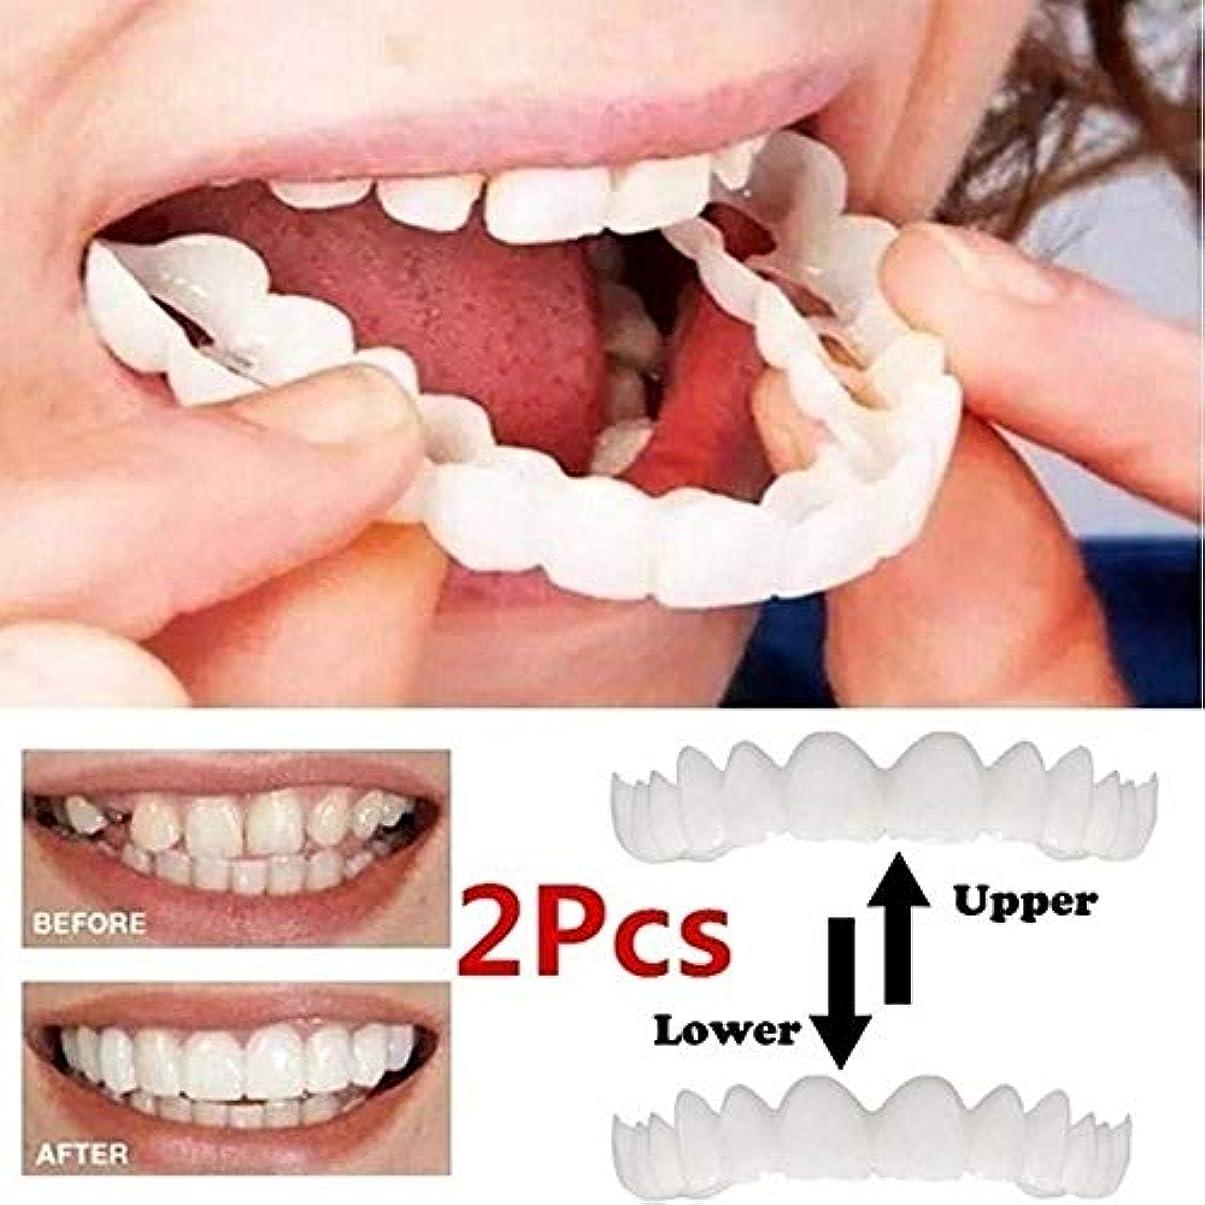 教える申し込むターミナル2ピース上下義歯インスタントスマイルコンフォートフレックス化粧品歯義歯1つのサイズにフィット最も快適な義歯ケア